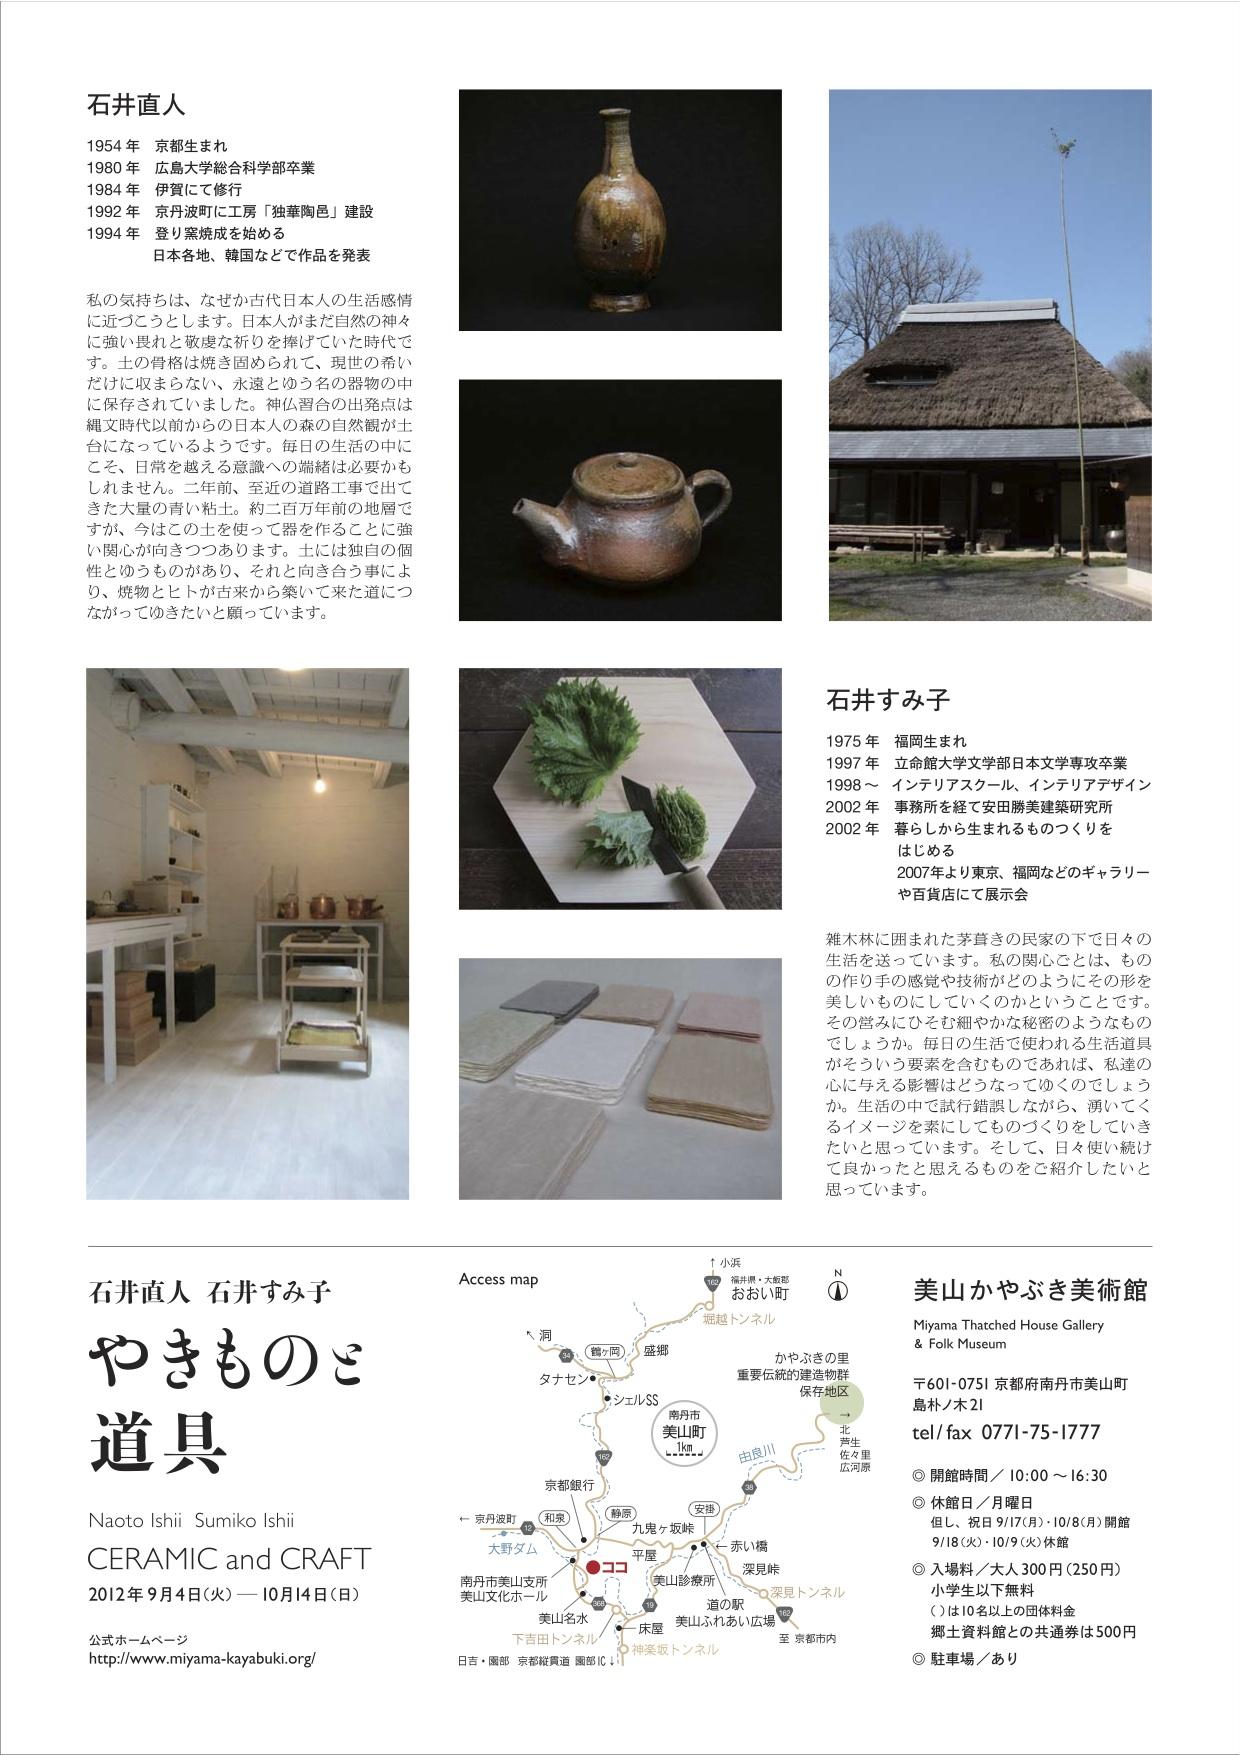 美山かやぶき美術館 石井直人・すみ子 やきものと道具展_e0197011_23175481.jpg